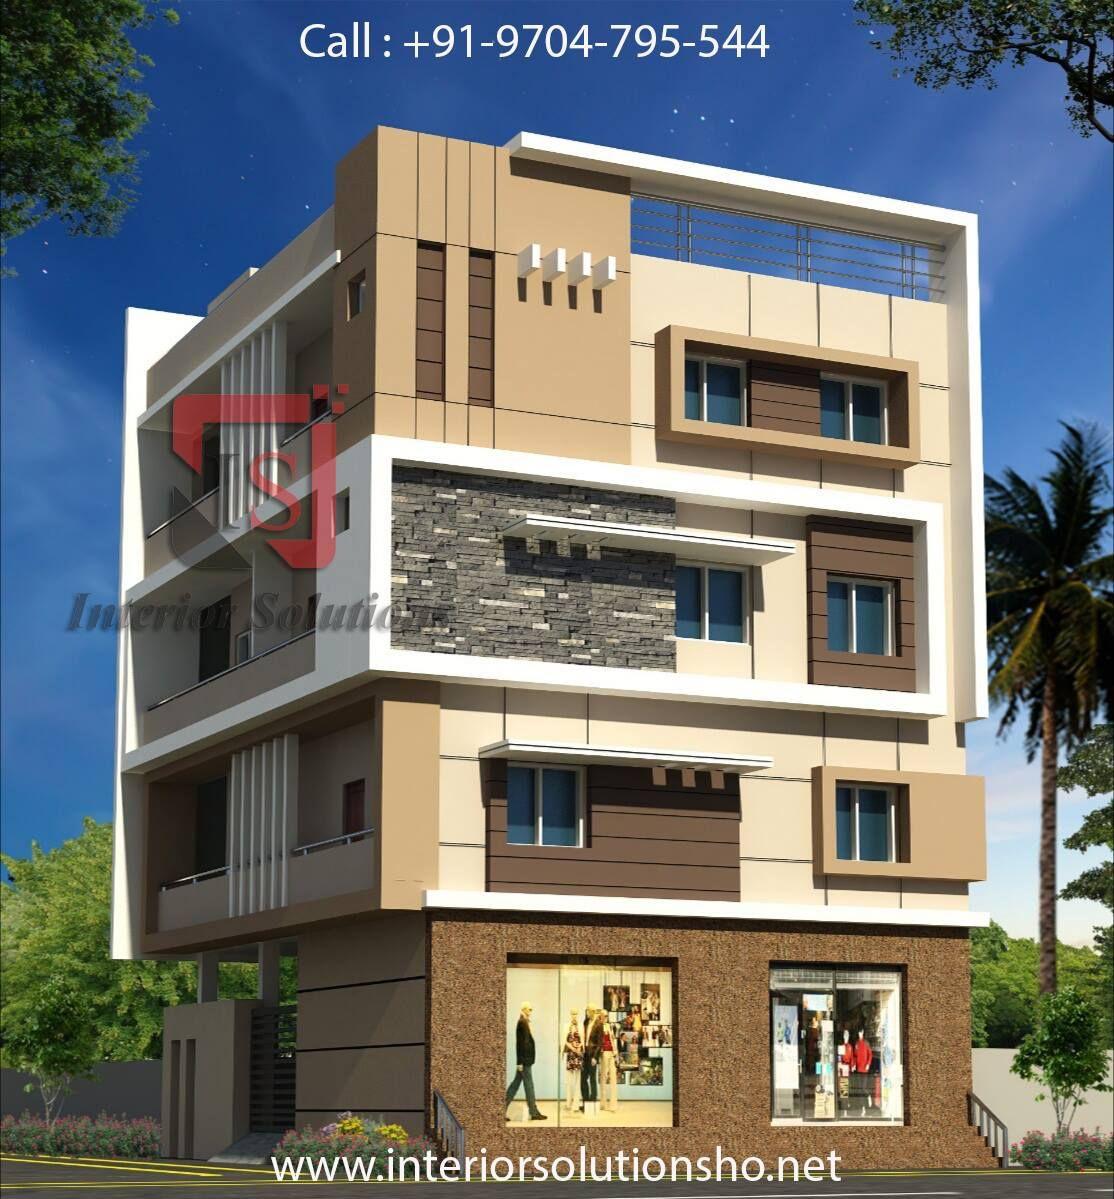 Home Interior Design Ideas Hyderabad: Best Home Designers In Hyderabad